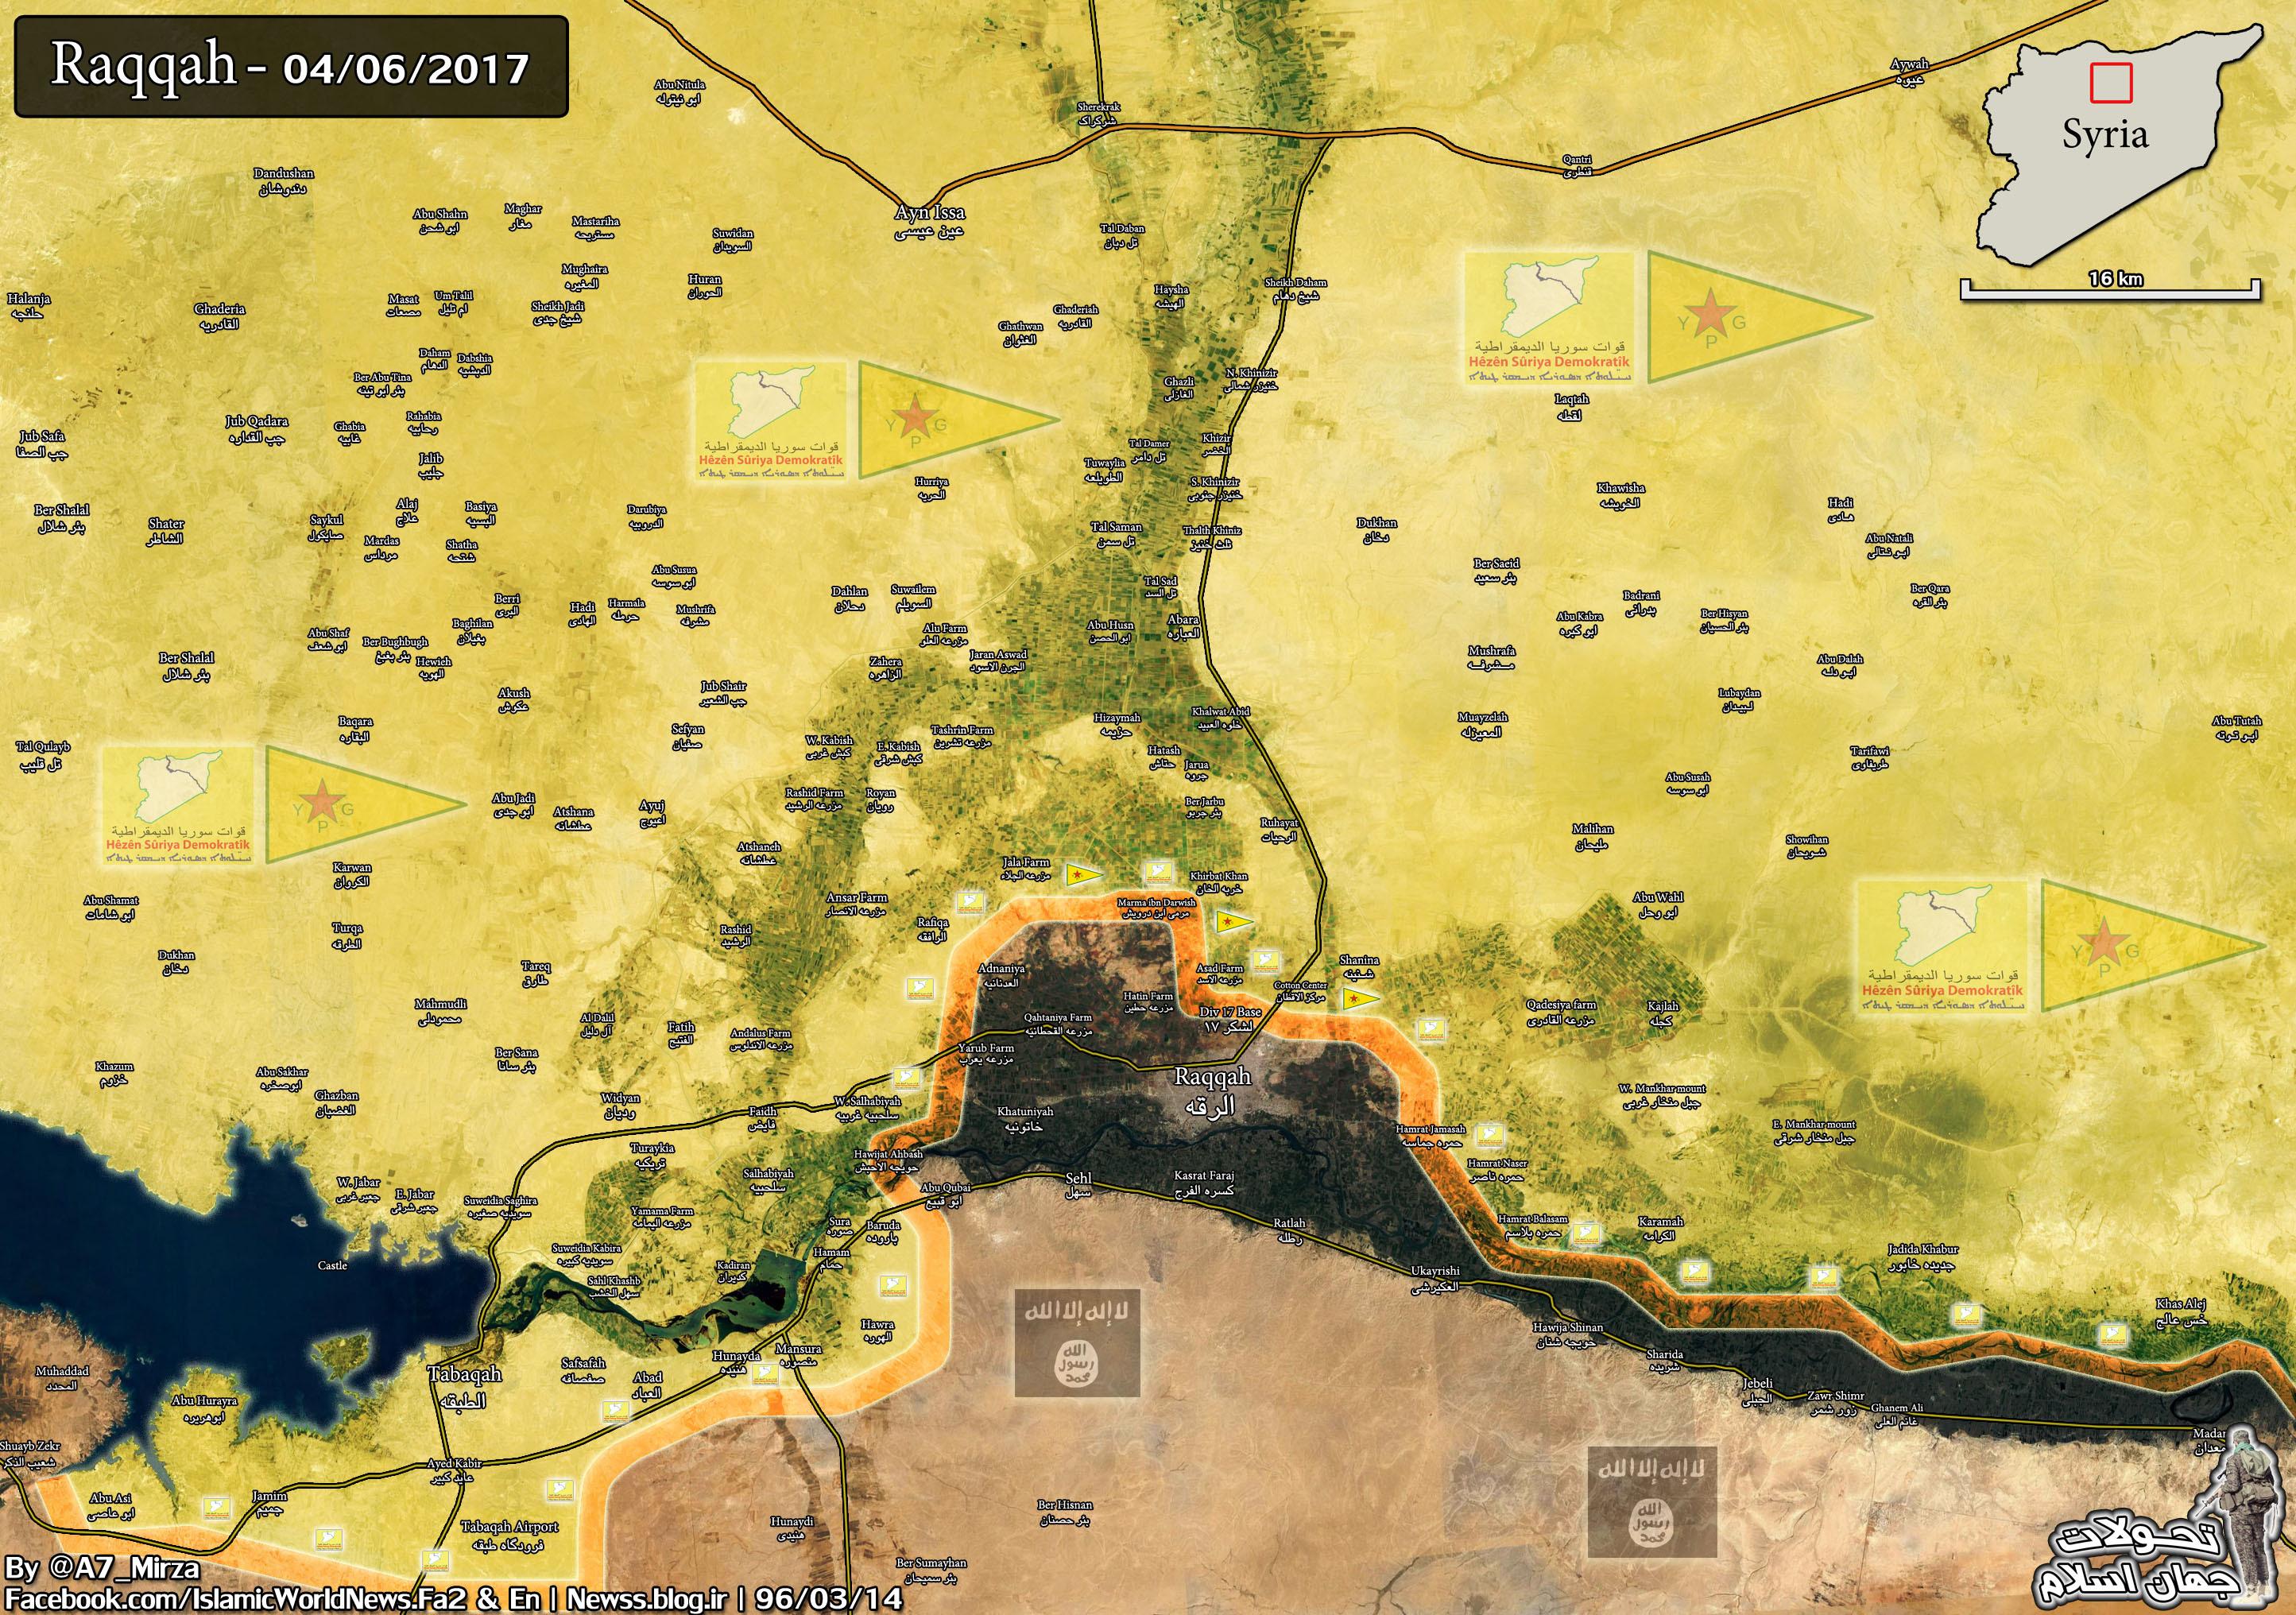 IS 이슬람국가 수도 라카 공세 임박